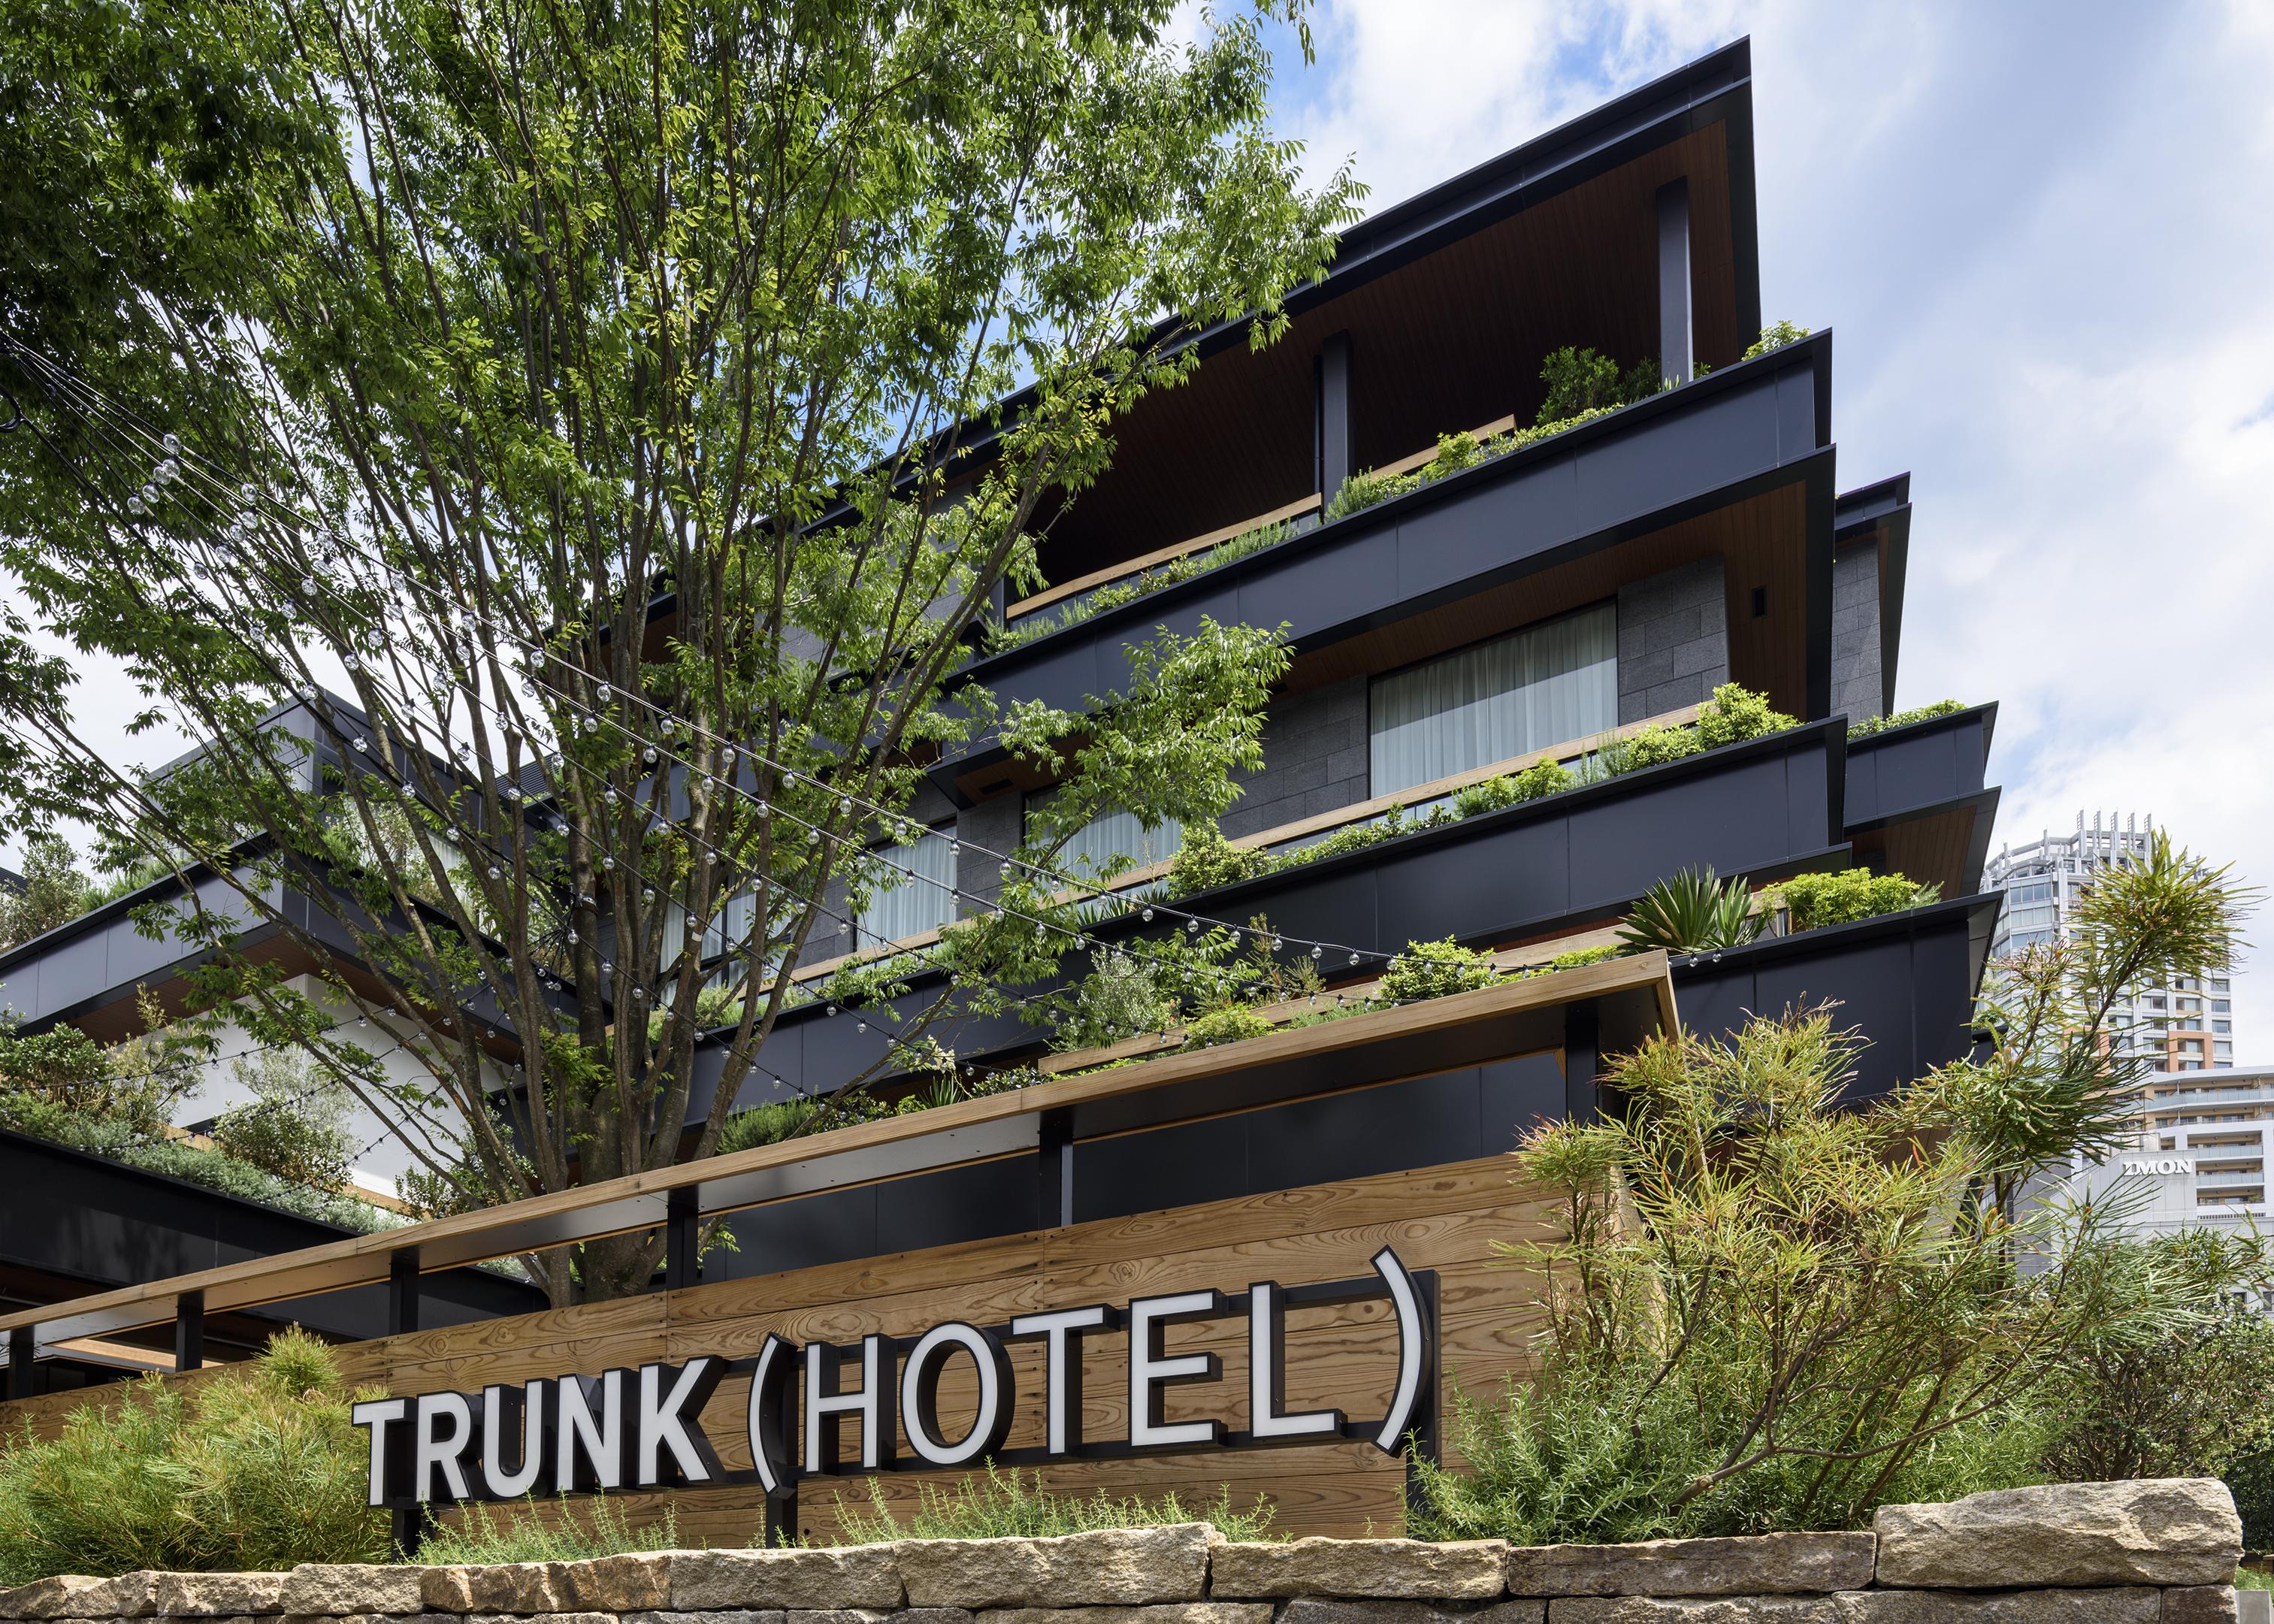 TRUNK(HOTEL)_MORI